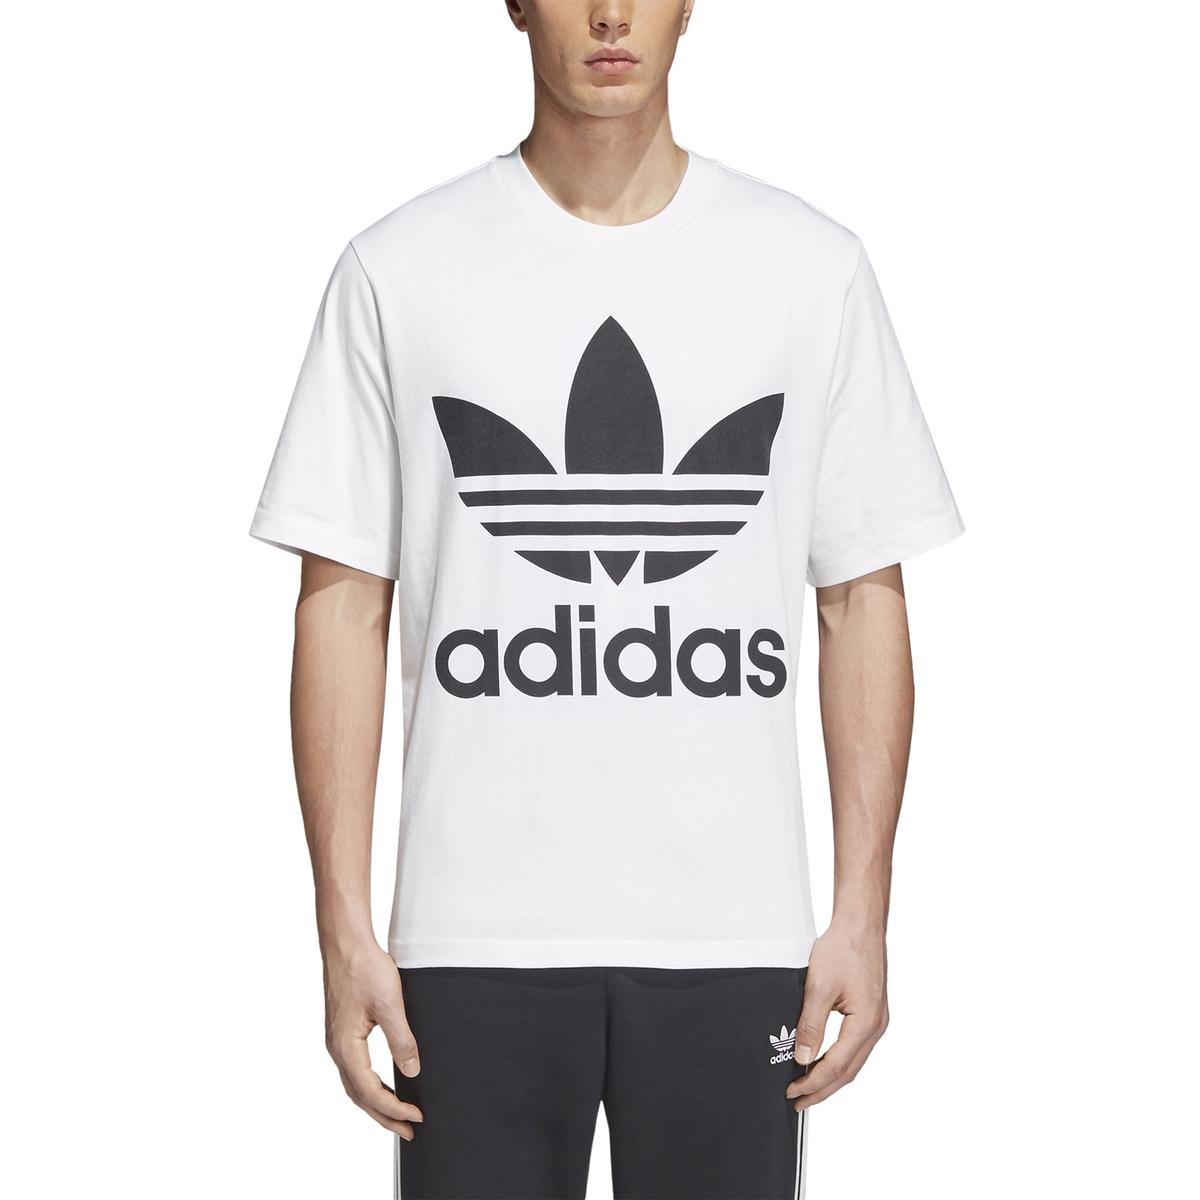 T-shirt de gola redonda, logótipo à frente, mangas curtas